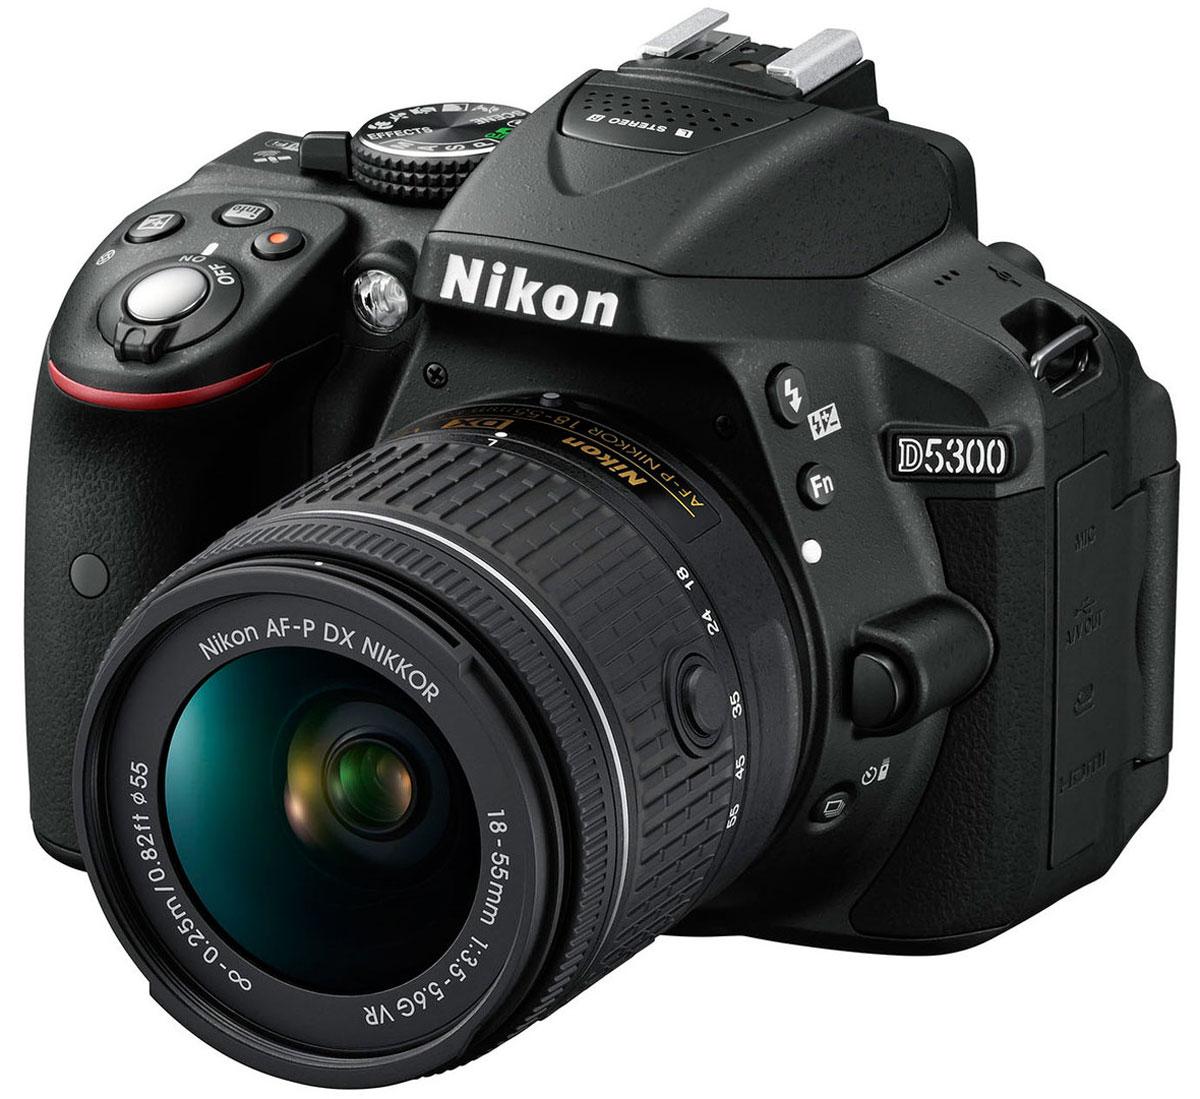 Nikon D5300 Kit 18-55 VR, Black цифровая зеркальная камераVBA370K00724,2-мегапиксельная фотокамера Nikon D5300 формата DX, оснащенная встроенными модулями Wi-Fi и GPS, позволяет создавать невероятно четкие изображения, отражающие уникальное видение фотографа, и обмениваться ими с другими. Великолепное качество изображения: Высокая чувствительность ISO (до 12 800 единиц ISO с возможностью расширения до эквивалента 25 600 единиц ISO) в сочетании с мощной системой обработки изображений EXPEED 4 от компании Nikon позволяют получать исключительно четкие фотографии и видеоролики при съемке в условиях недостаточного освещения. Удивительно точный 2016-пиксельный датчик RGB для замера экспозиции передает данные системе распознавания сюжетов, которая автоматически задает оптимальную экспозицию, автофокусировку и баланс белого для получения снимков высочайшего качества. Мимолетные движения, изменяющиеся выражения лиц - все эти мгновения можно уловить благодаря высокой скорости работы в режиме непрерывной съемки (до 5 кадров в...